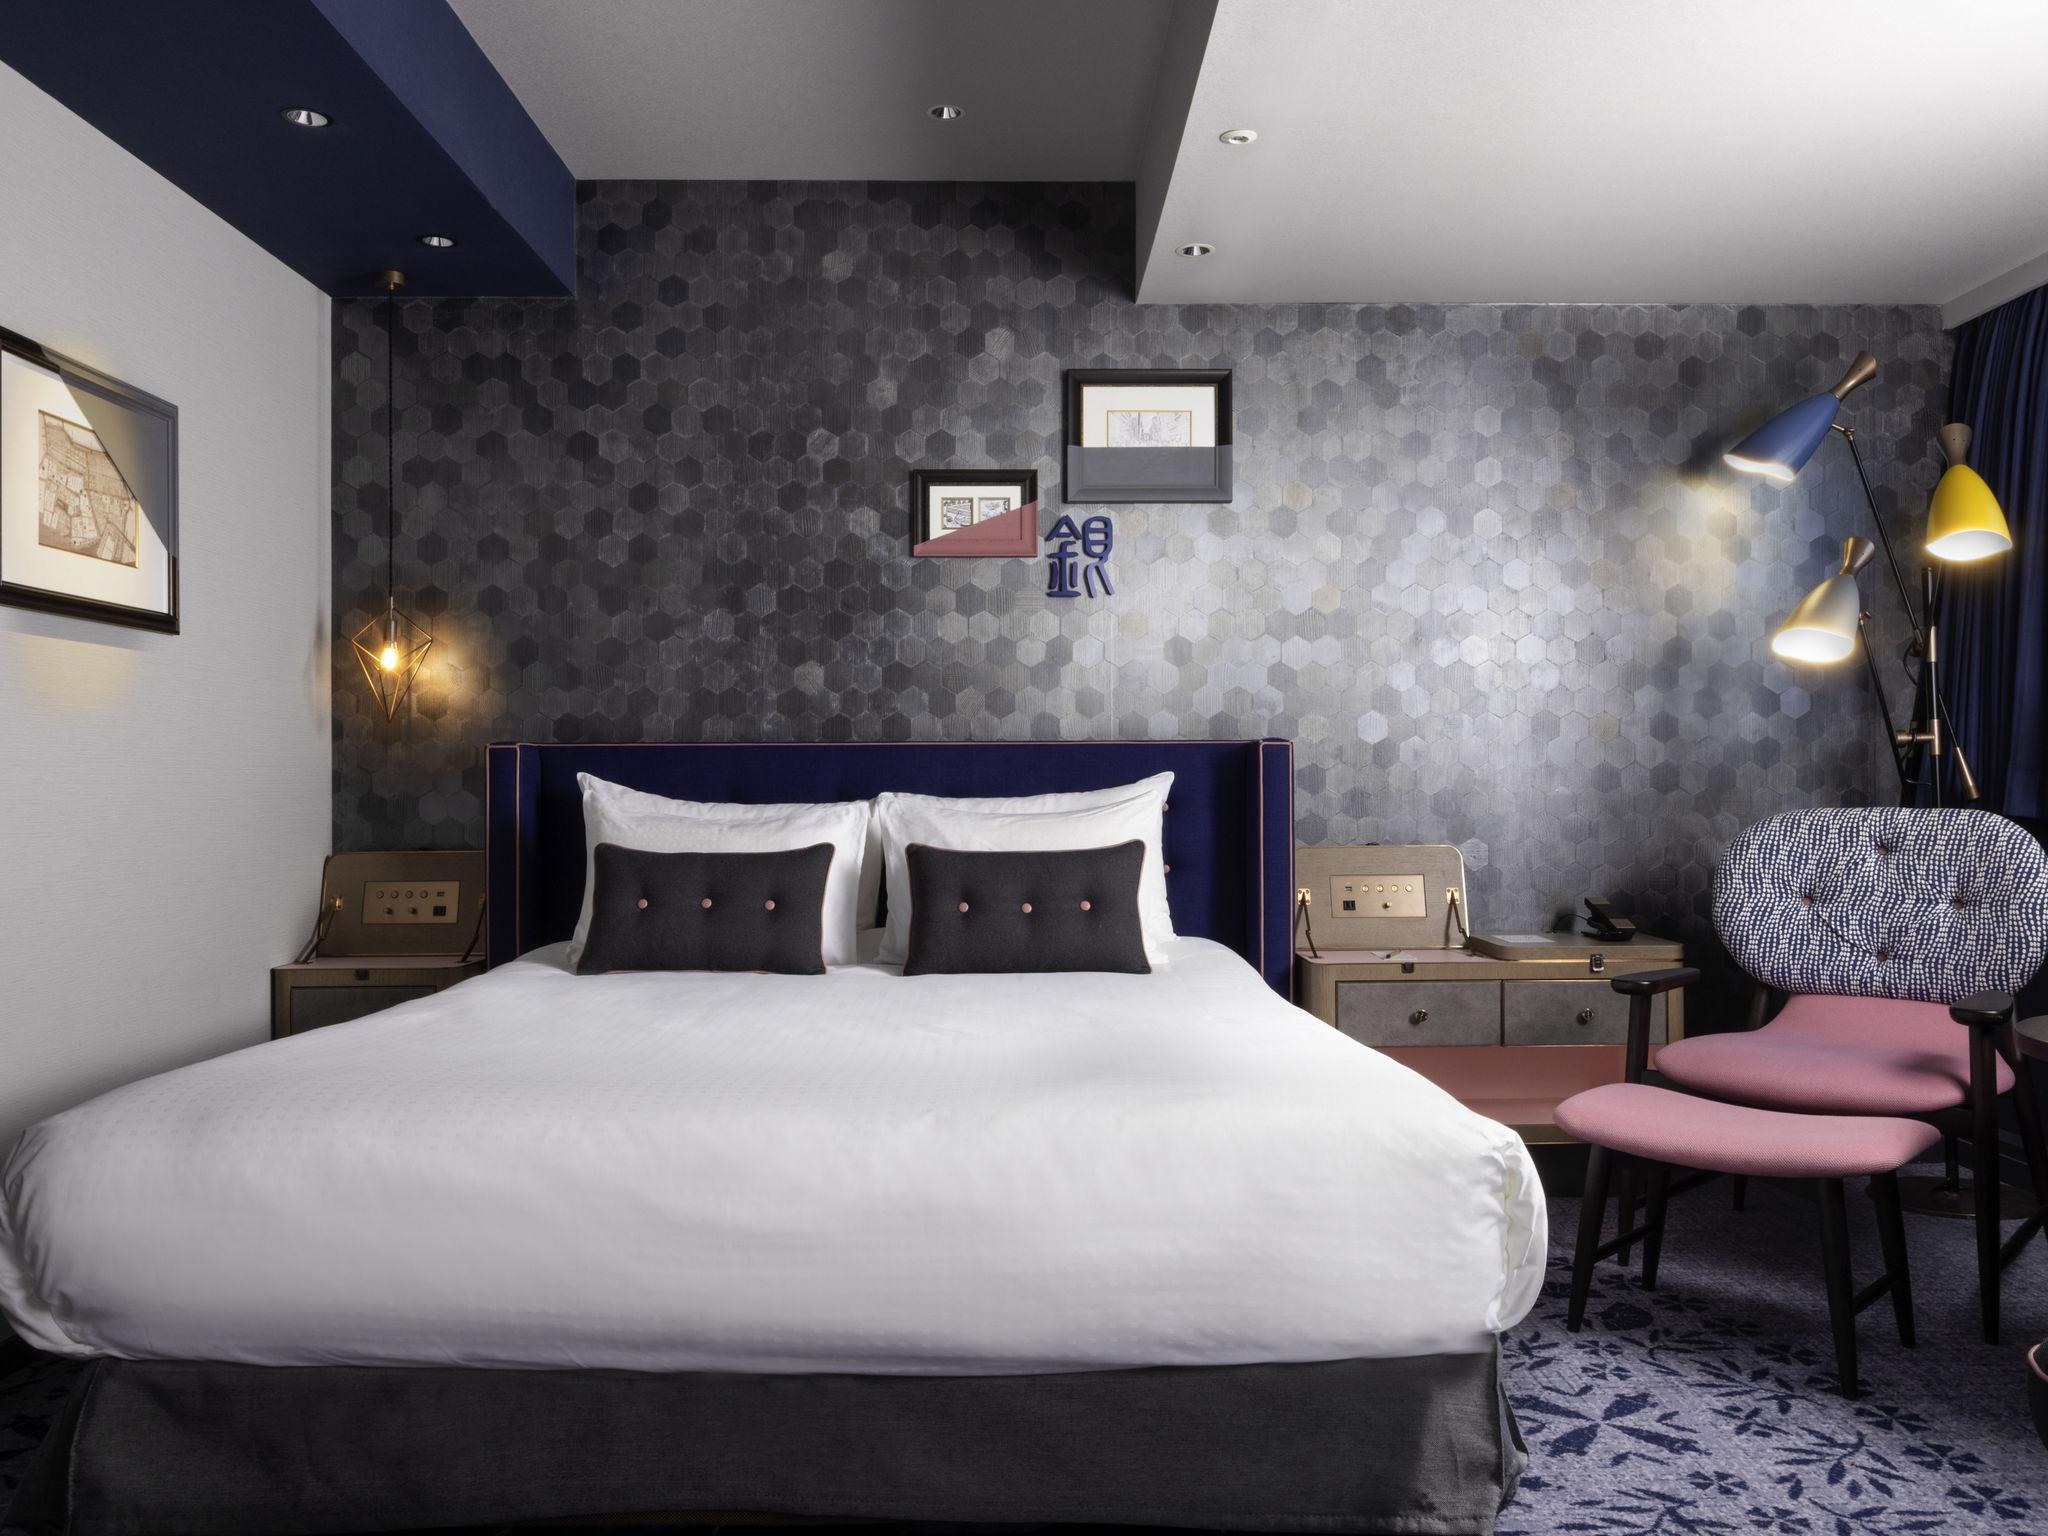 Hotel in TOKYOBook your hotel Mercure Tokyo Ginza